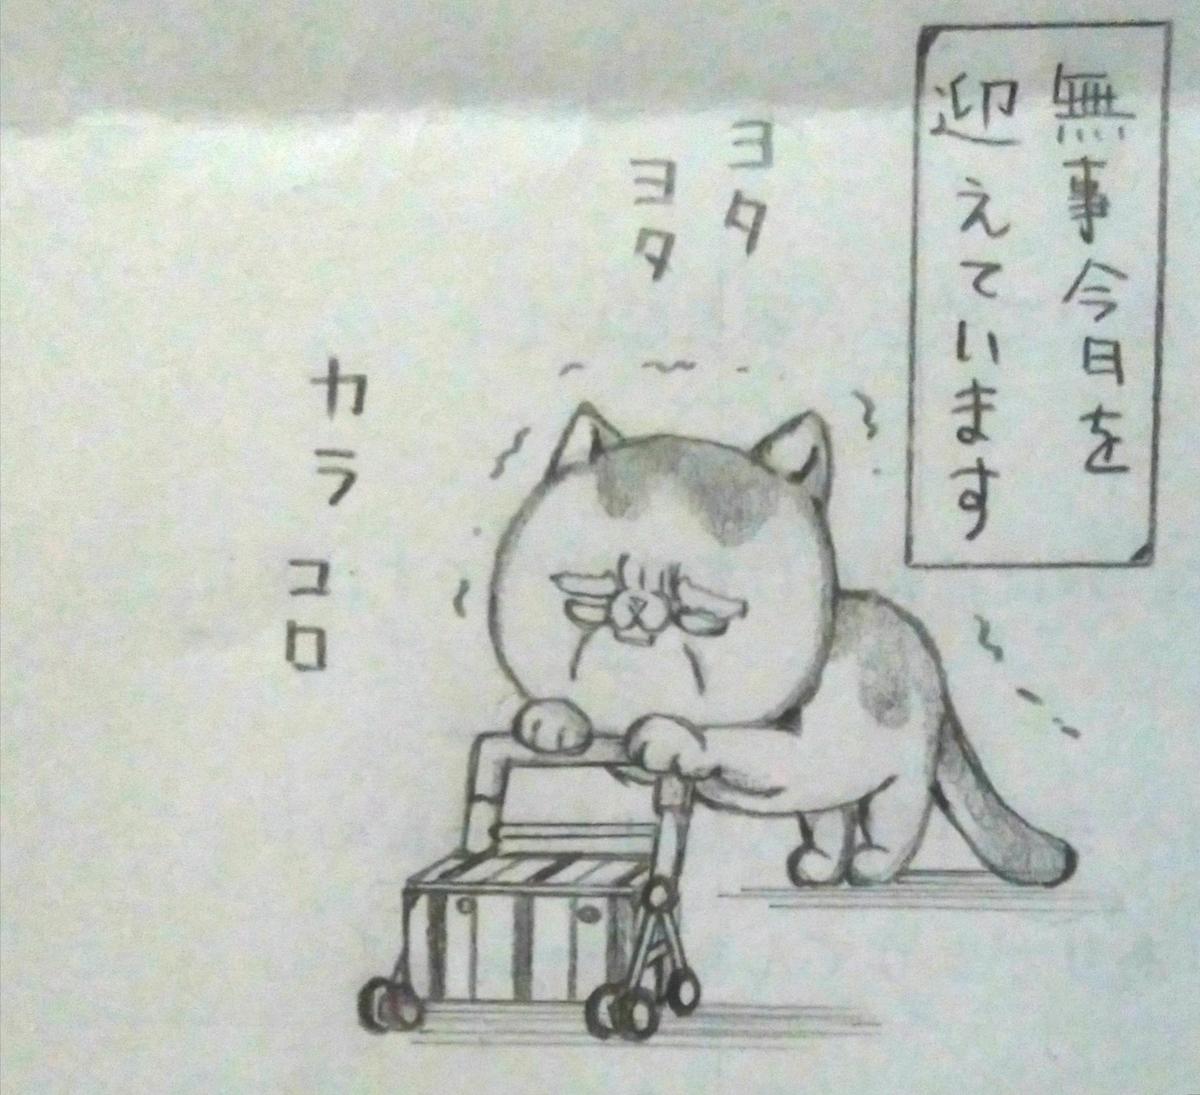 f:id:maricats:20210409215027j:plain